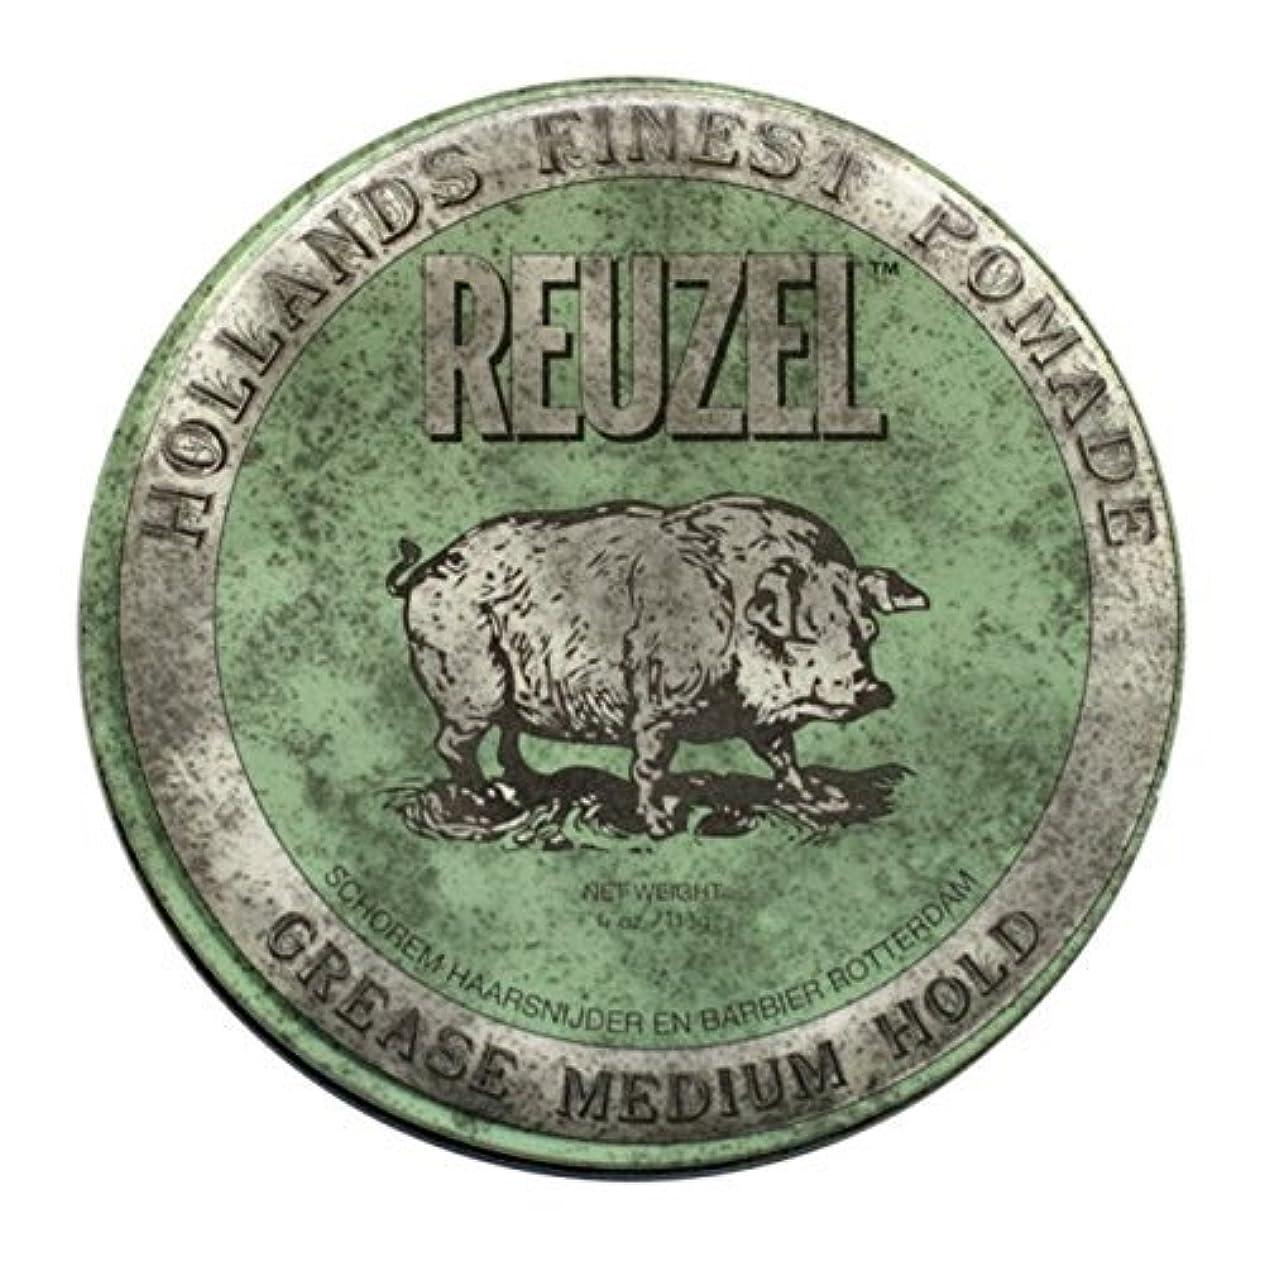 すすり泣き広い出口Reuzel Green Grease Medium Hold Hair Styling Pomade Piglet 1.3oz (35g) Wax/Gel by Reuzel